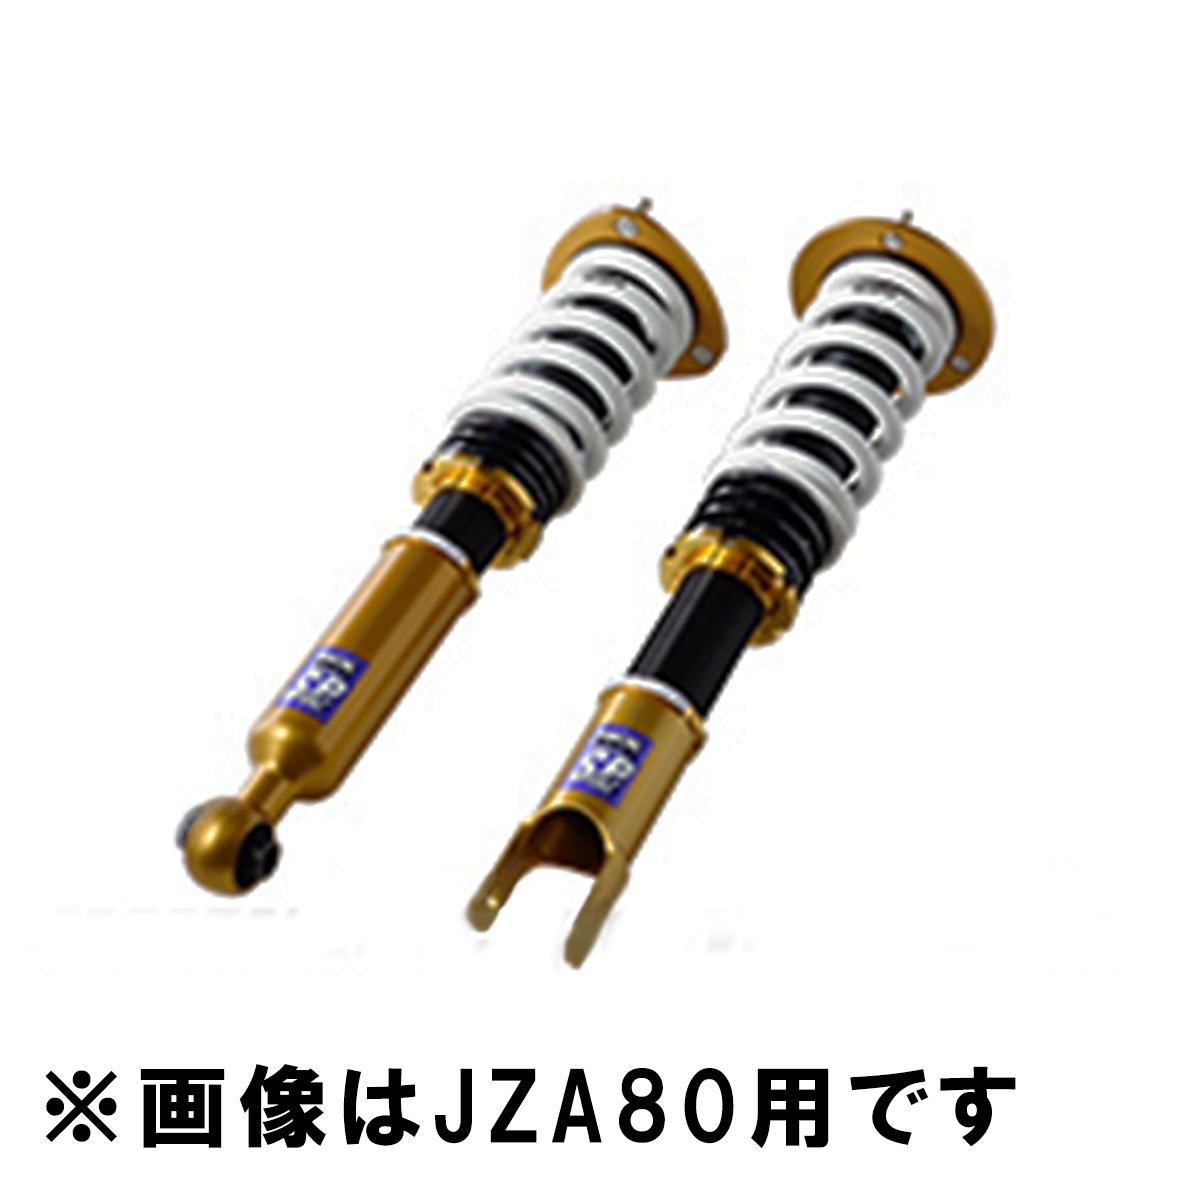 スープラ 車高調 JZA80 HKS 80250-AT002D ハイパーマックスシリーズ 個人宅発送追金有